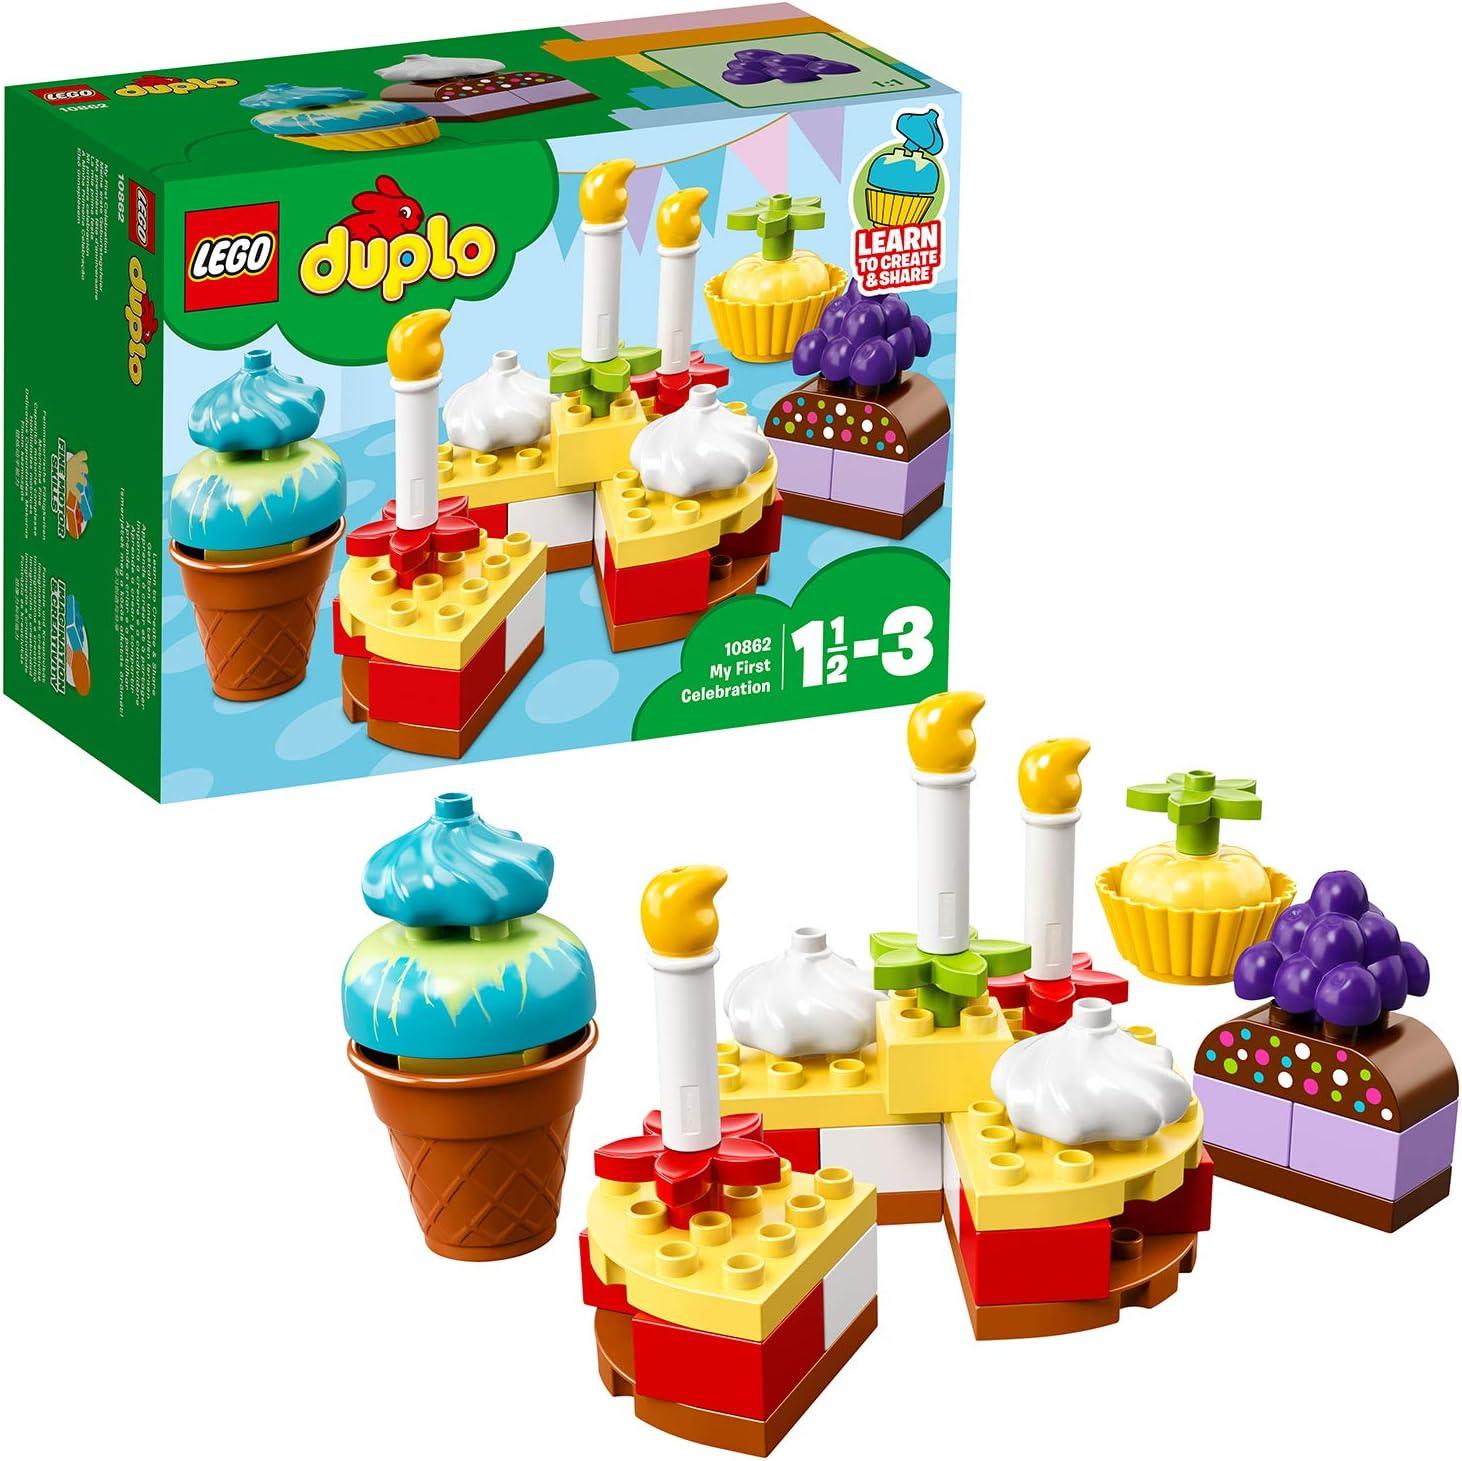 LEGO DUPLO - Mi Primera celebración (10862): Amazon.es: Juguetes y juegos